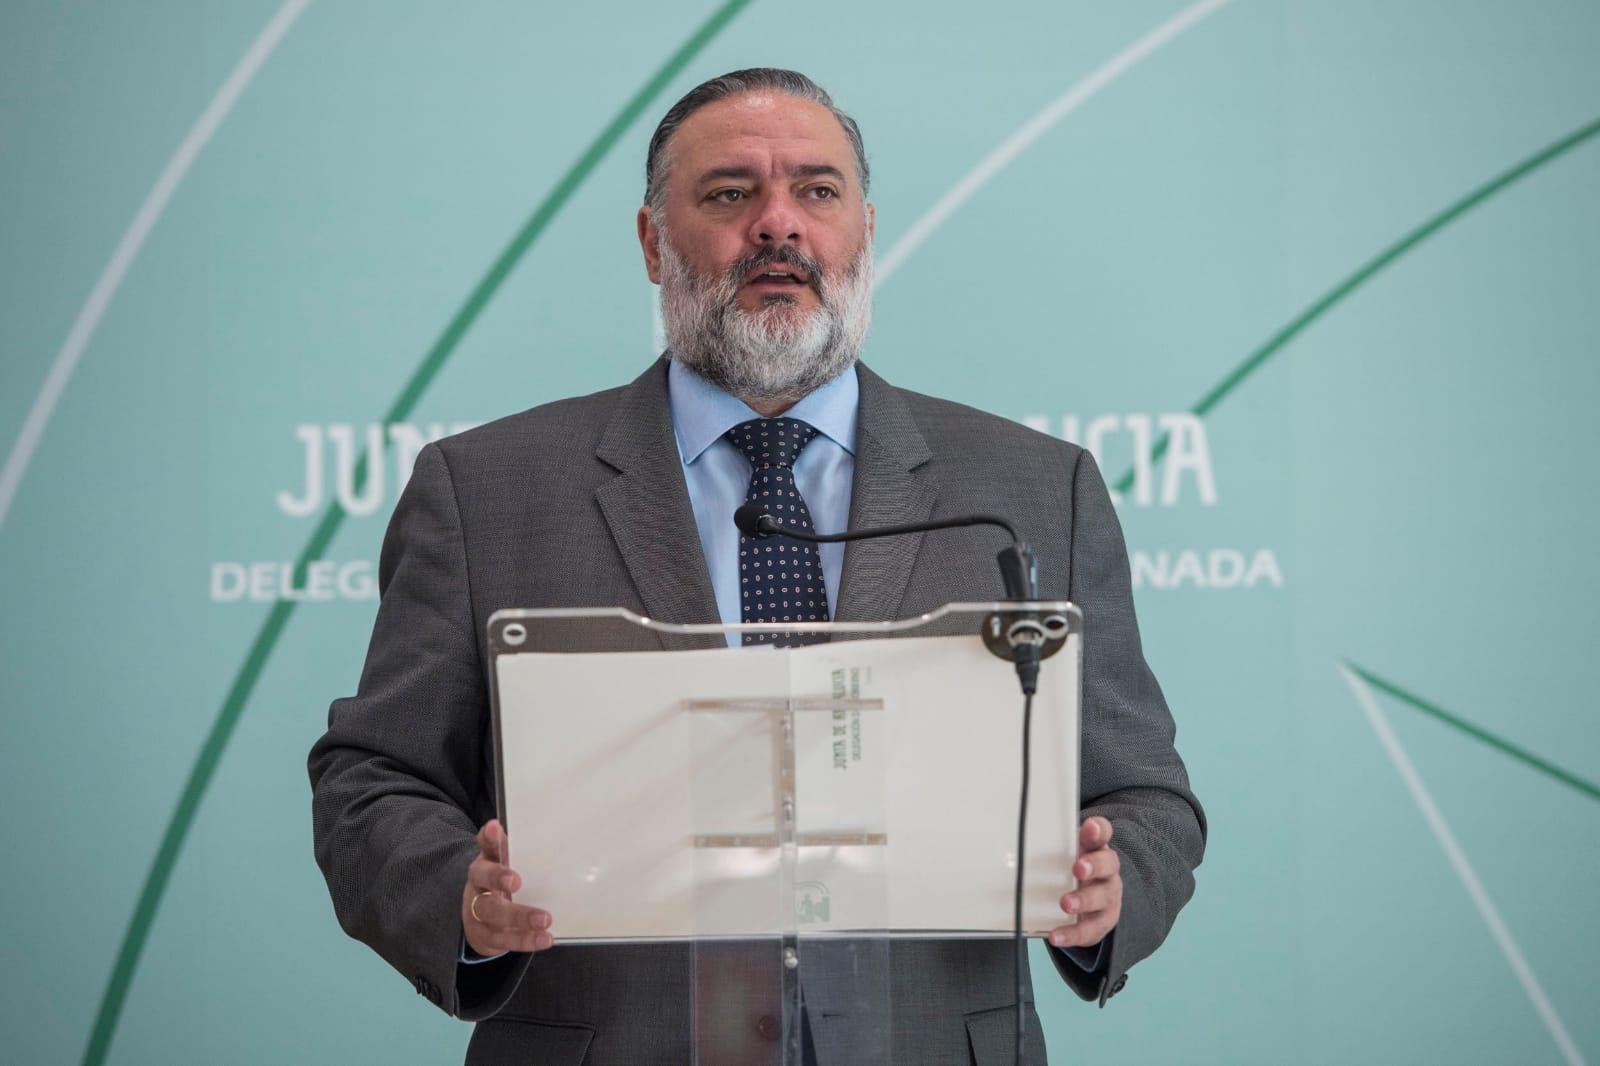 La Junta asegura que la Escuela Andaluza de Salud Pública no se cerrará ni trasladará a Sevilla